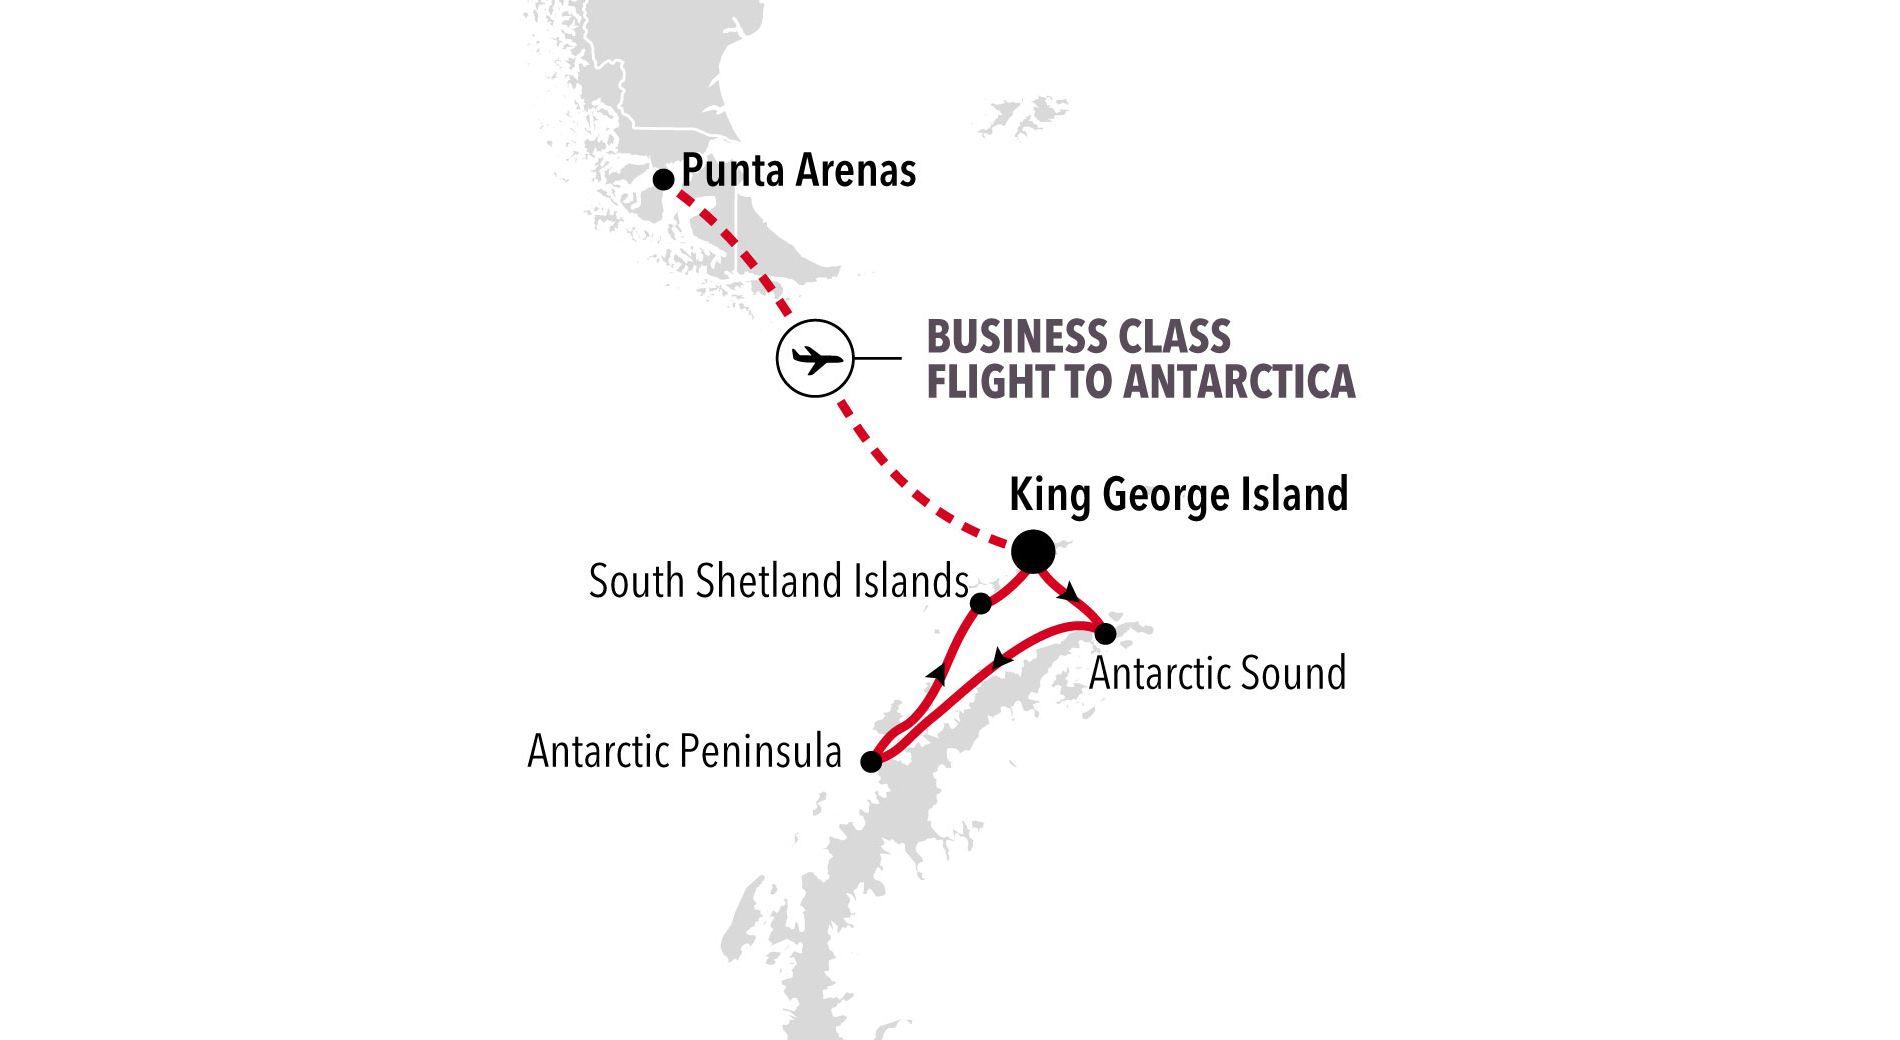 E1220205006 - King George Island à King George Island